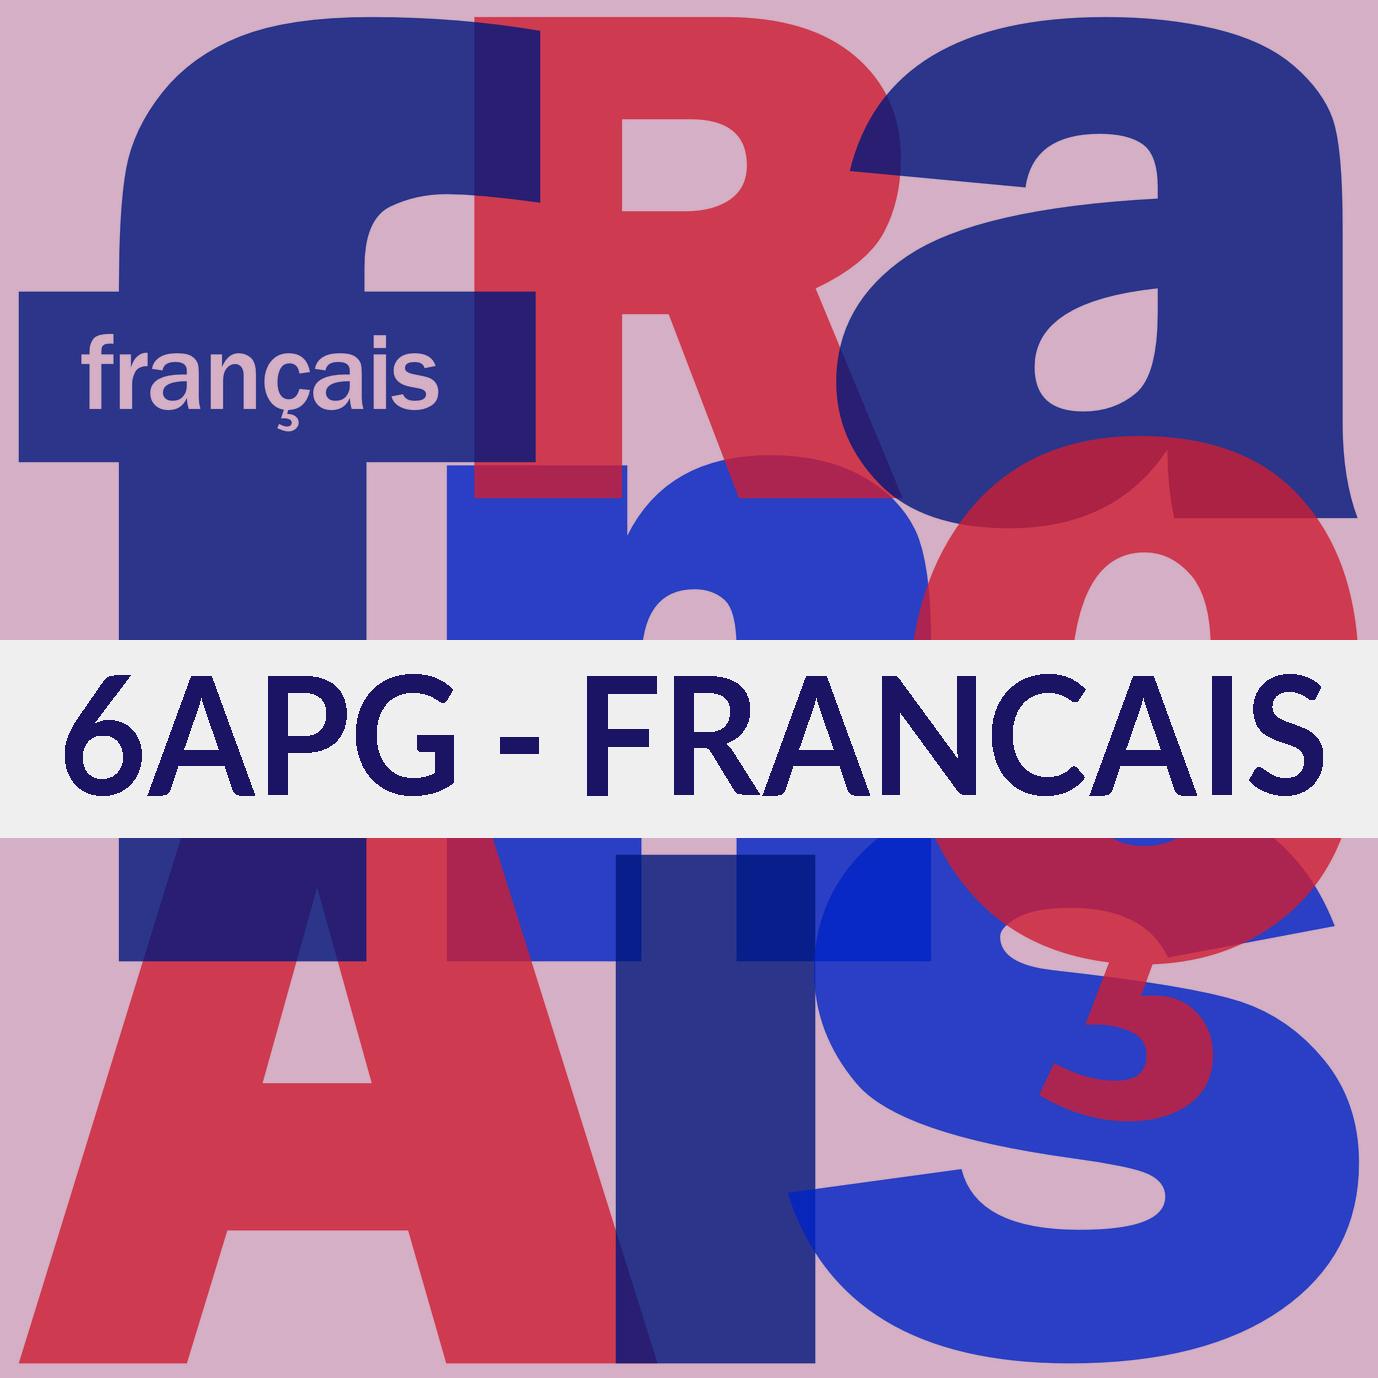 6APG-français course image